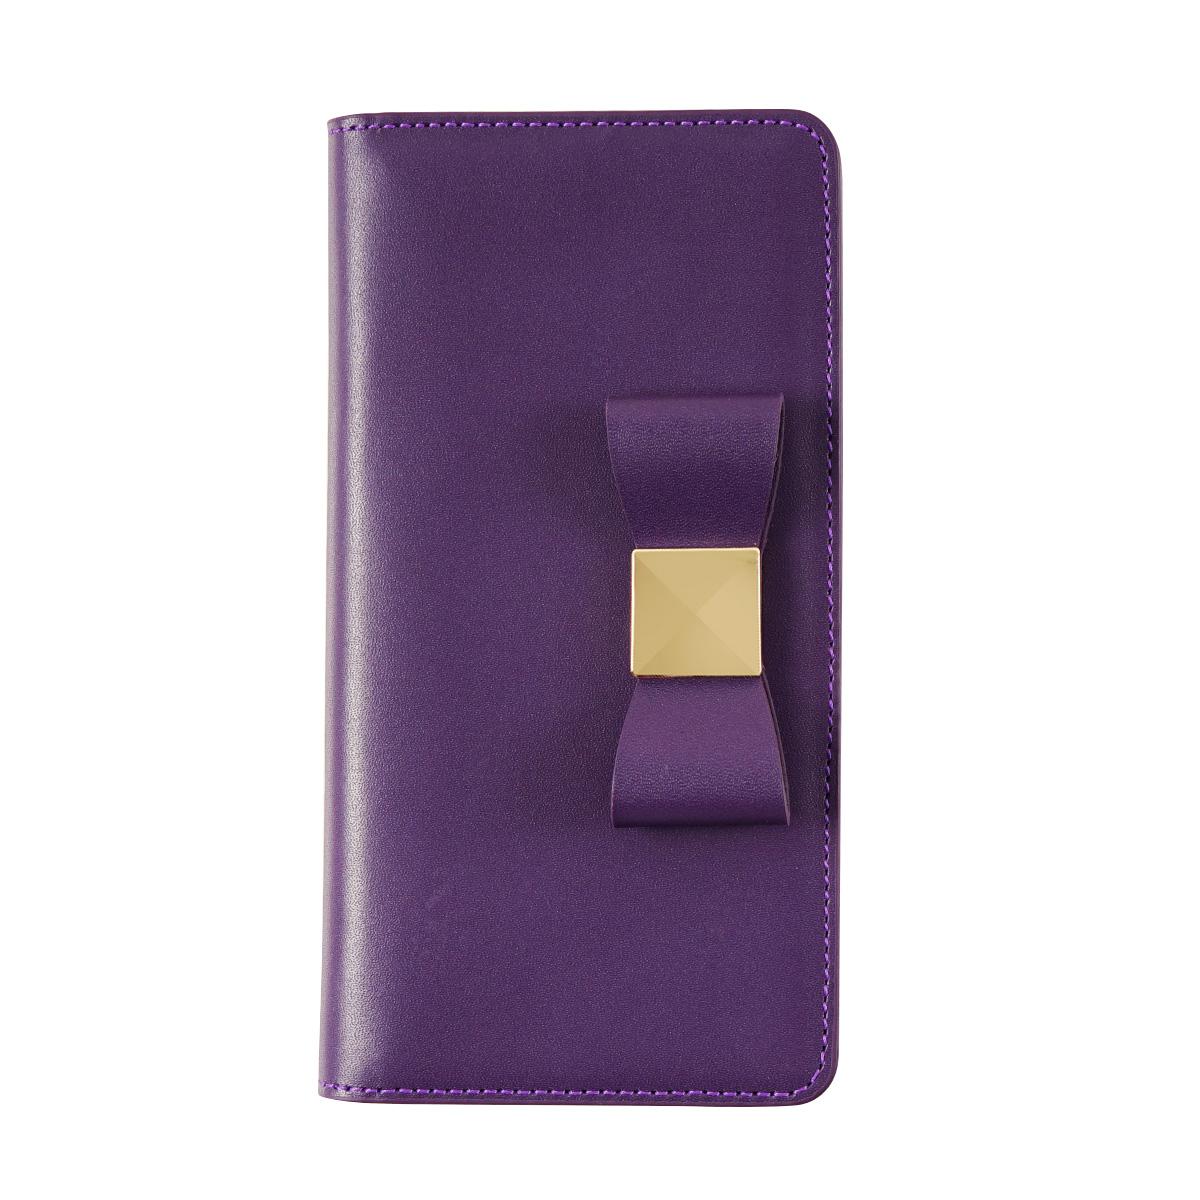 iPhone XS / X ケース iPhone XR ケース LAYBLOCK Ribbon Classic Diary 手帳型 本革 (レイブロック リボンクラシックダイアリー)アイフォン レザー カバー